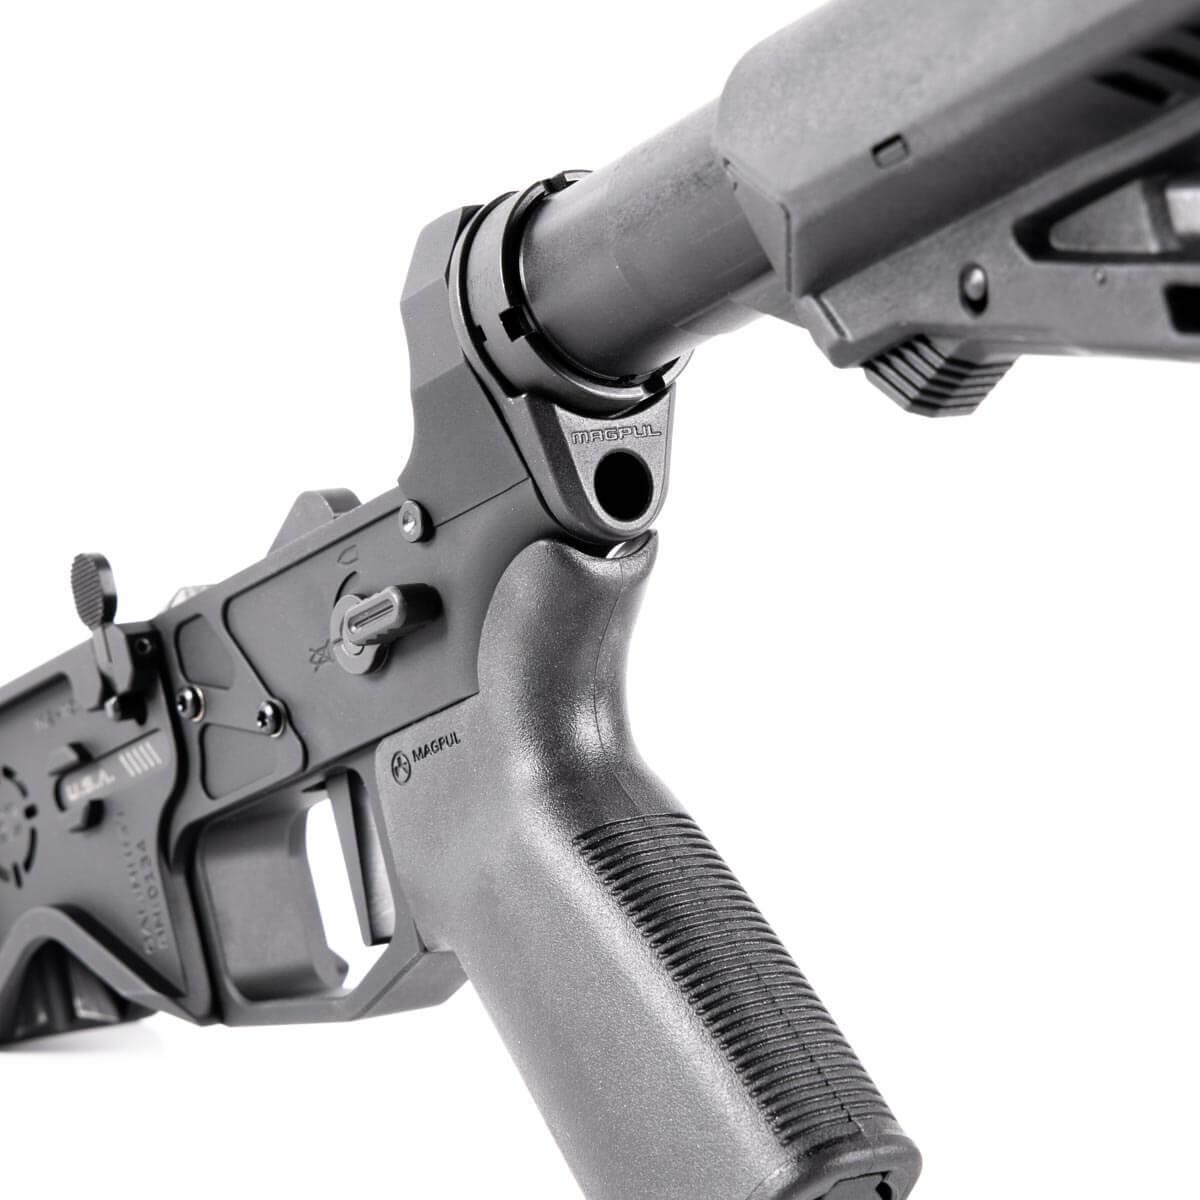 Quantum Mark 2 AR-15 Complete Lower